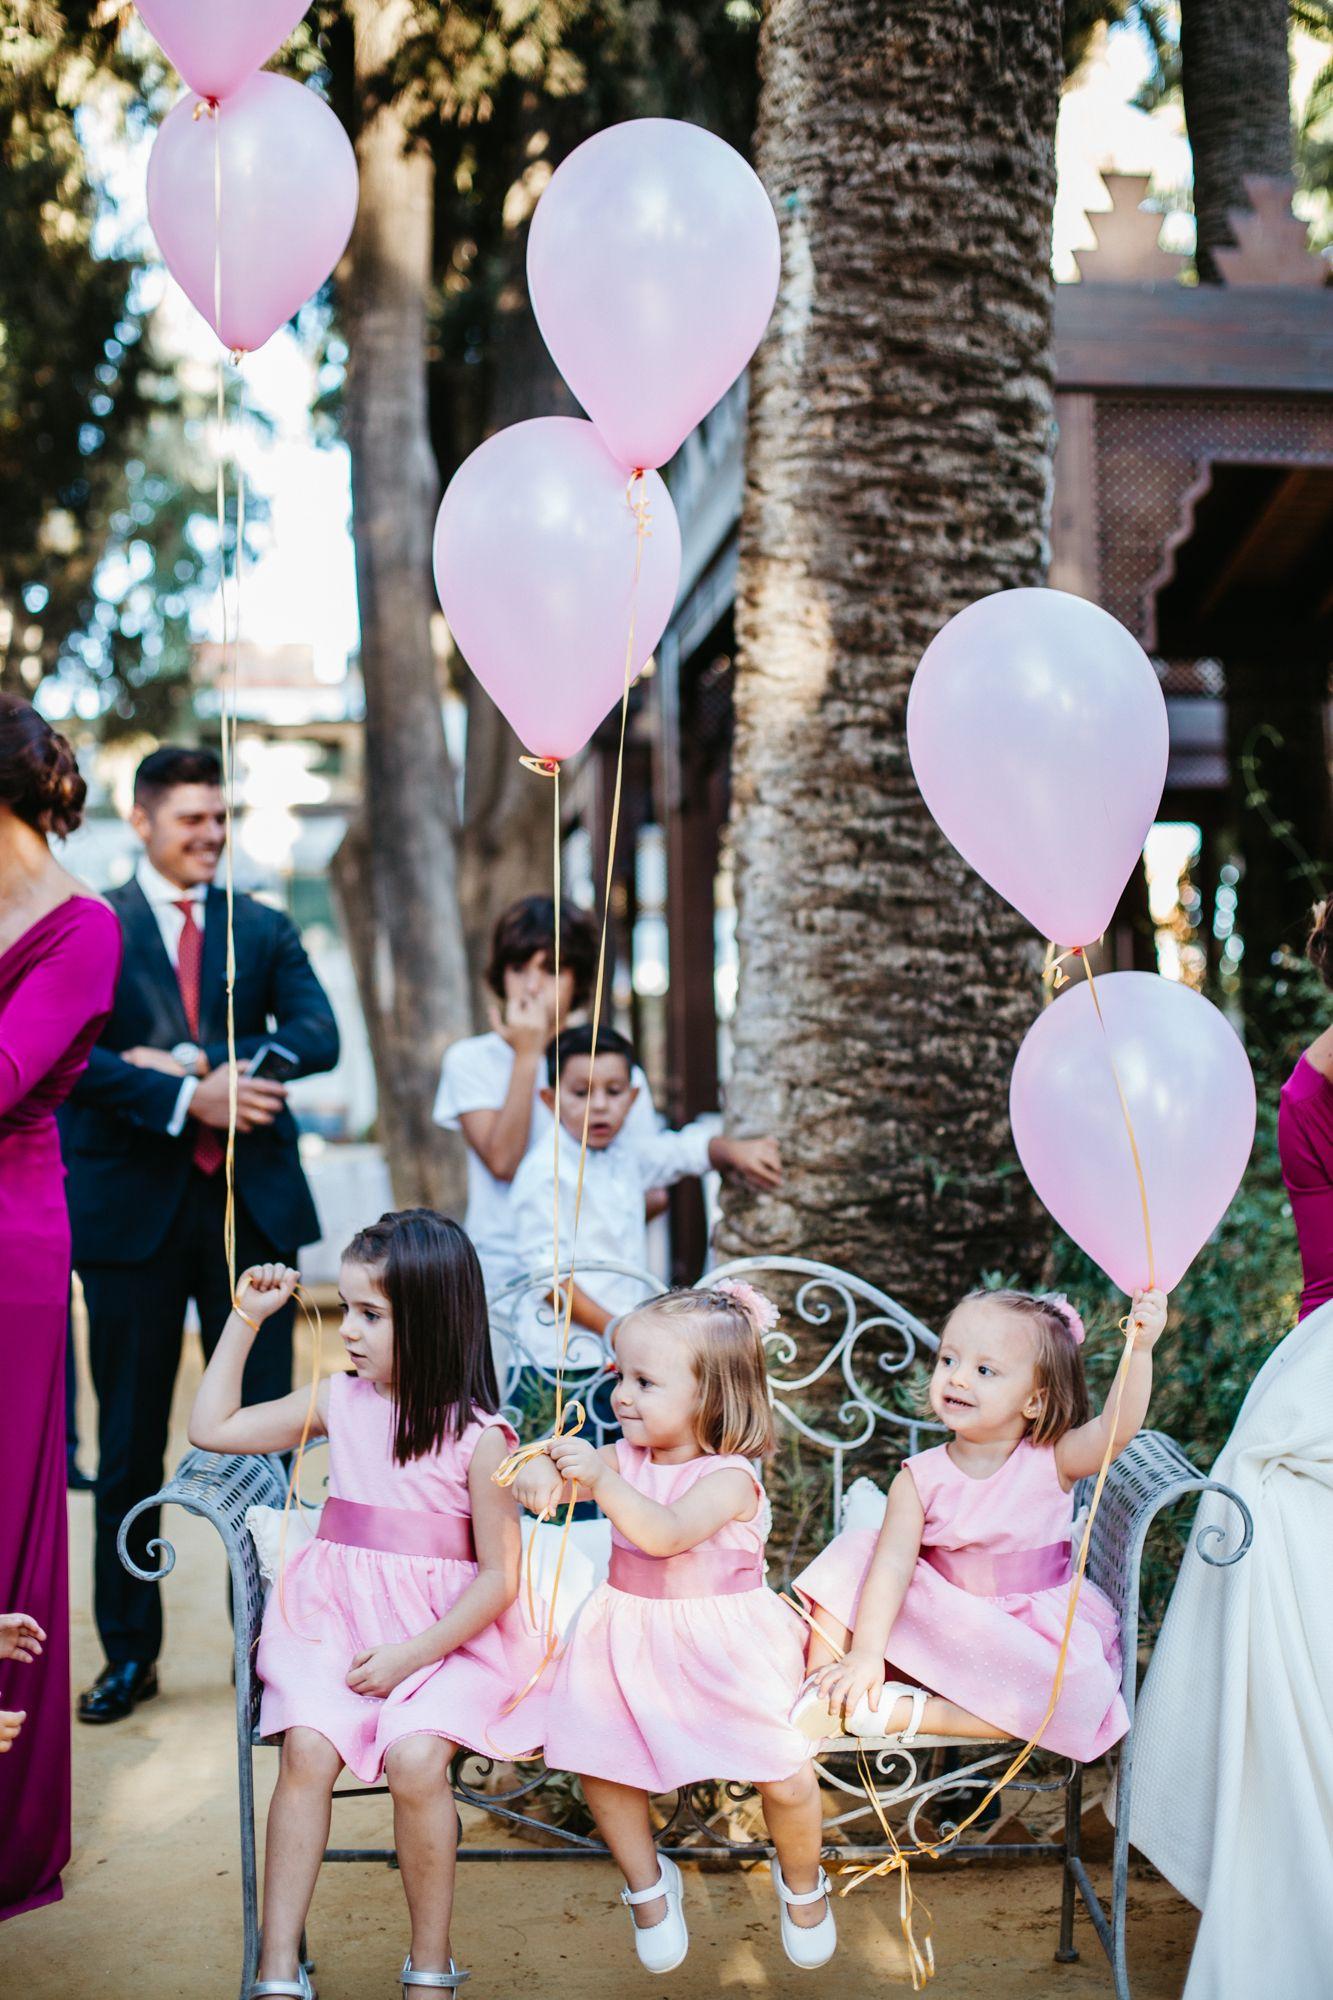 La boda de Amanda y Jorge en Villa Luisa 19